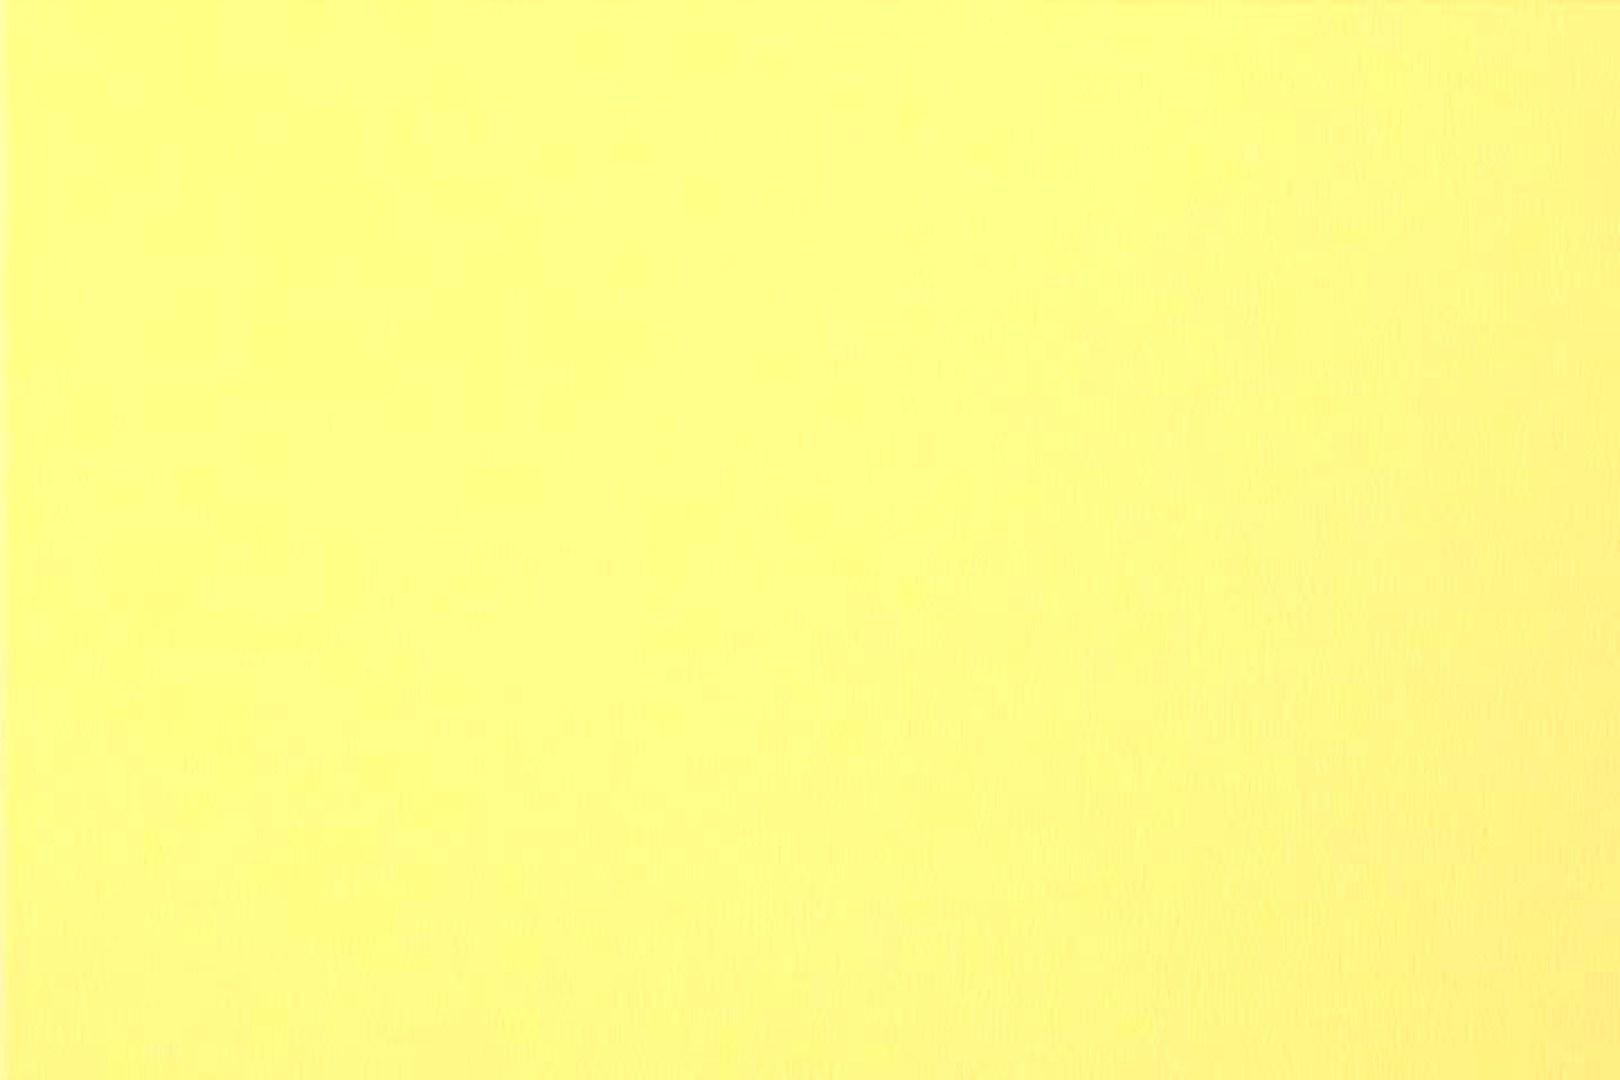 マンコ丸見え女子洗面所Vol.28 洗面所 隠し撮りすけべAV動画紹介 111PICs 20